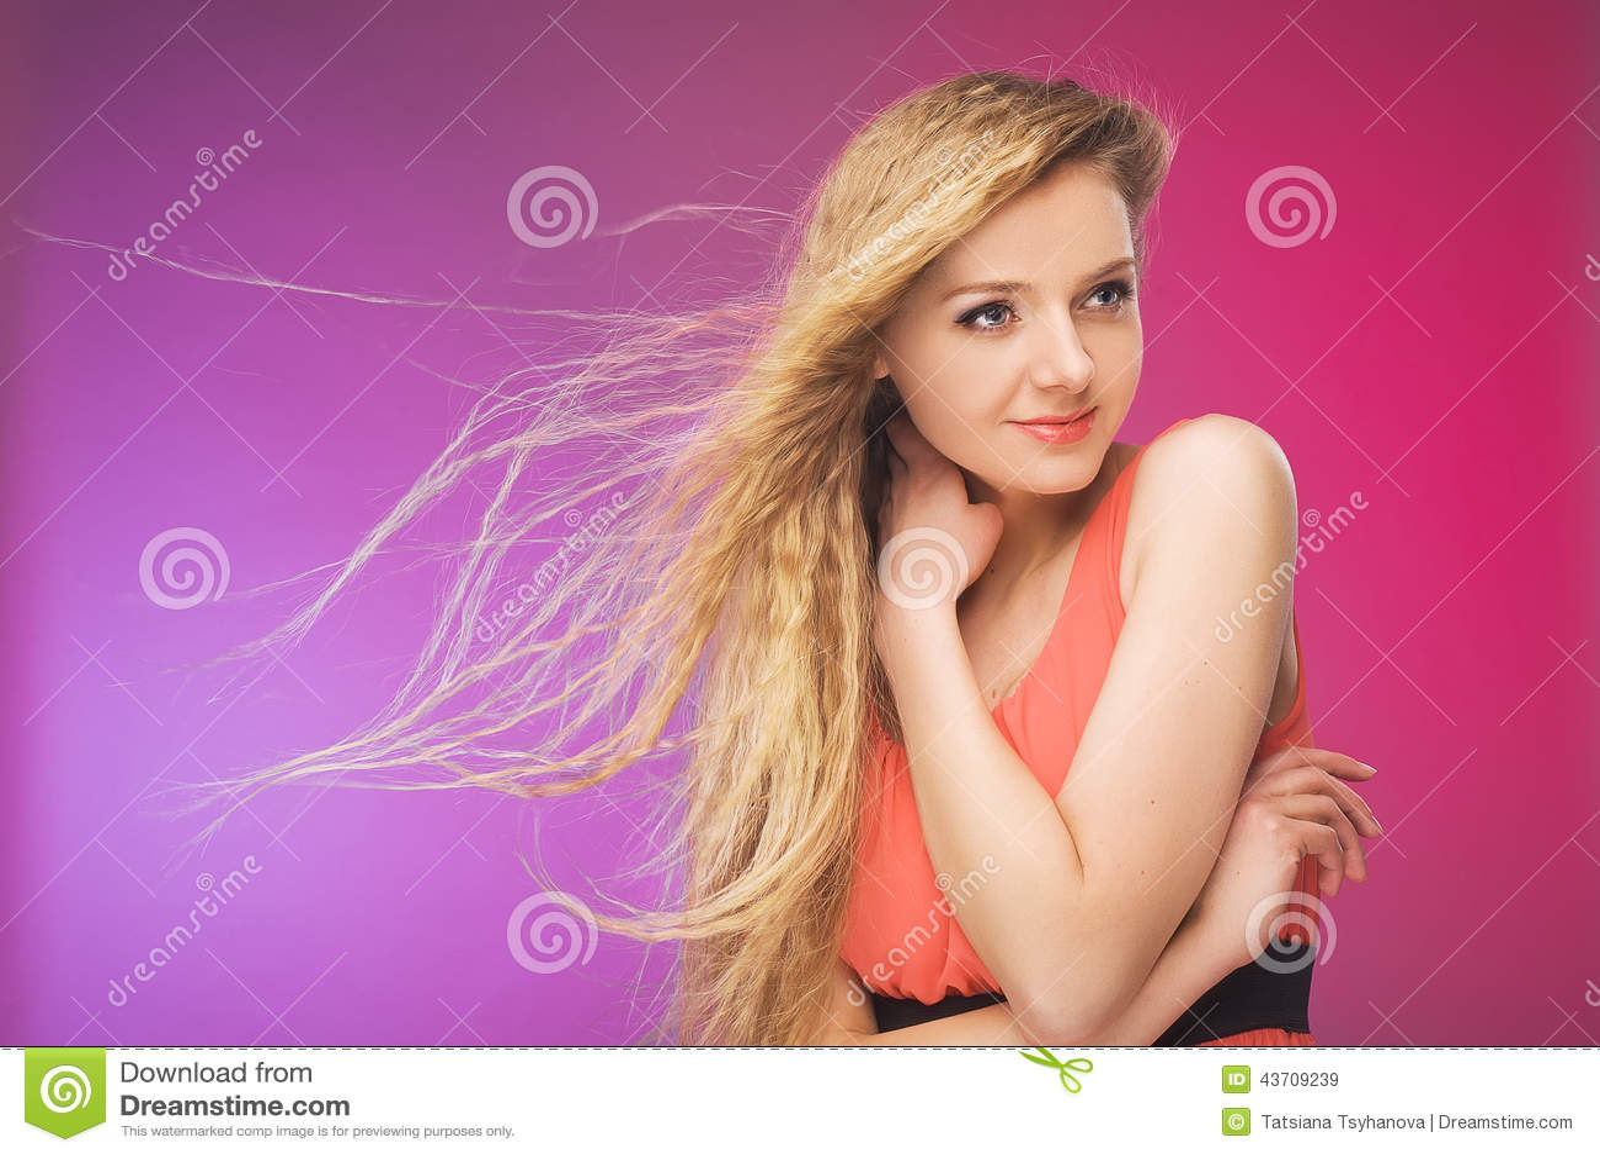 trait dans les cheveux trait cheveux homme ma coupe de cheveux coupe cheveux homme trait pour. Black Bedroom Furniture Sets. Home Design Ideas